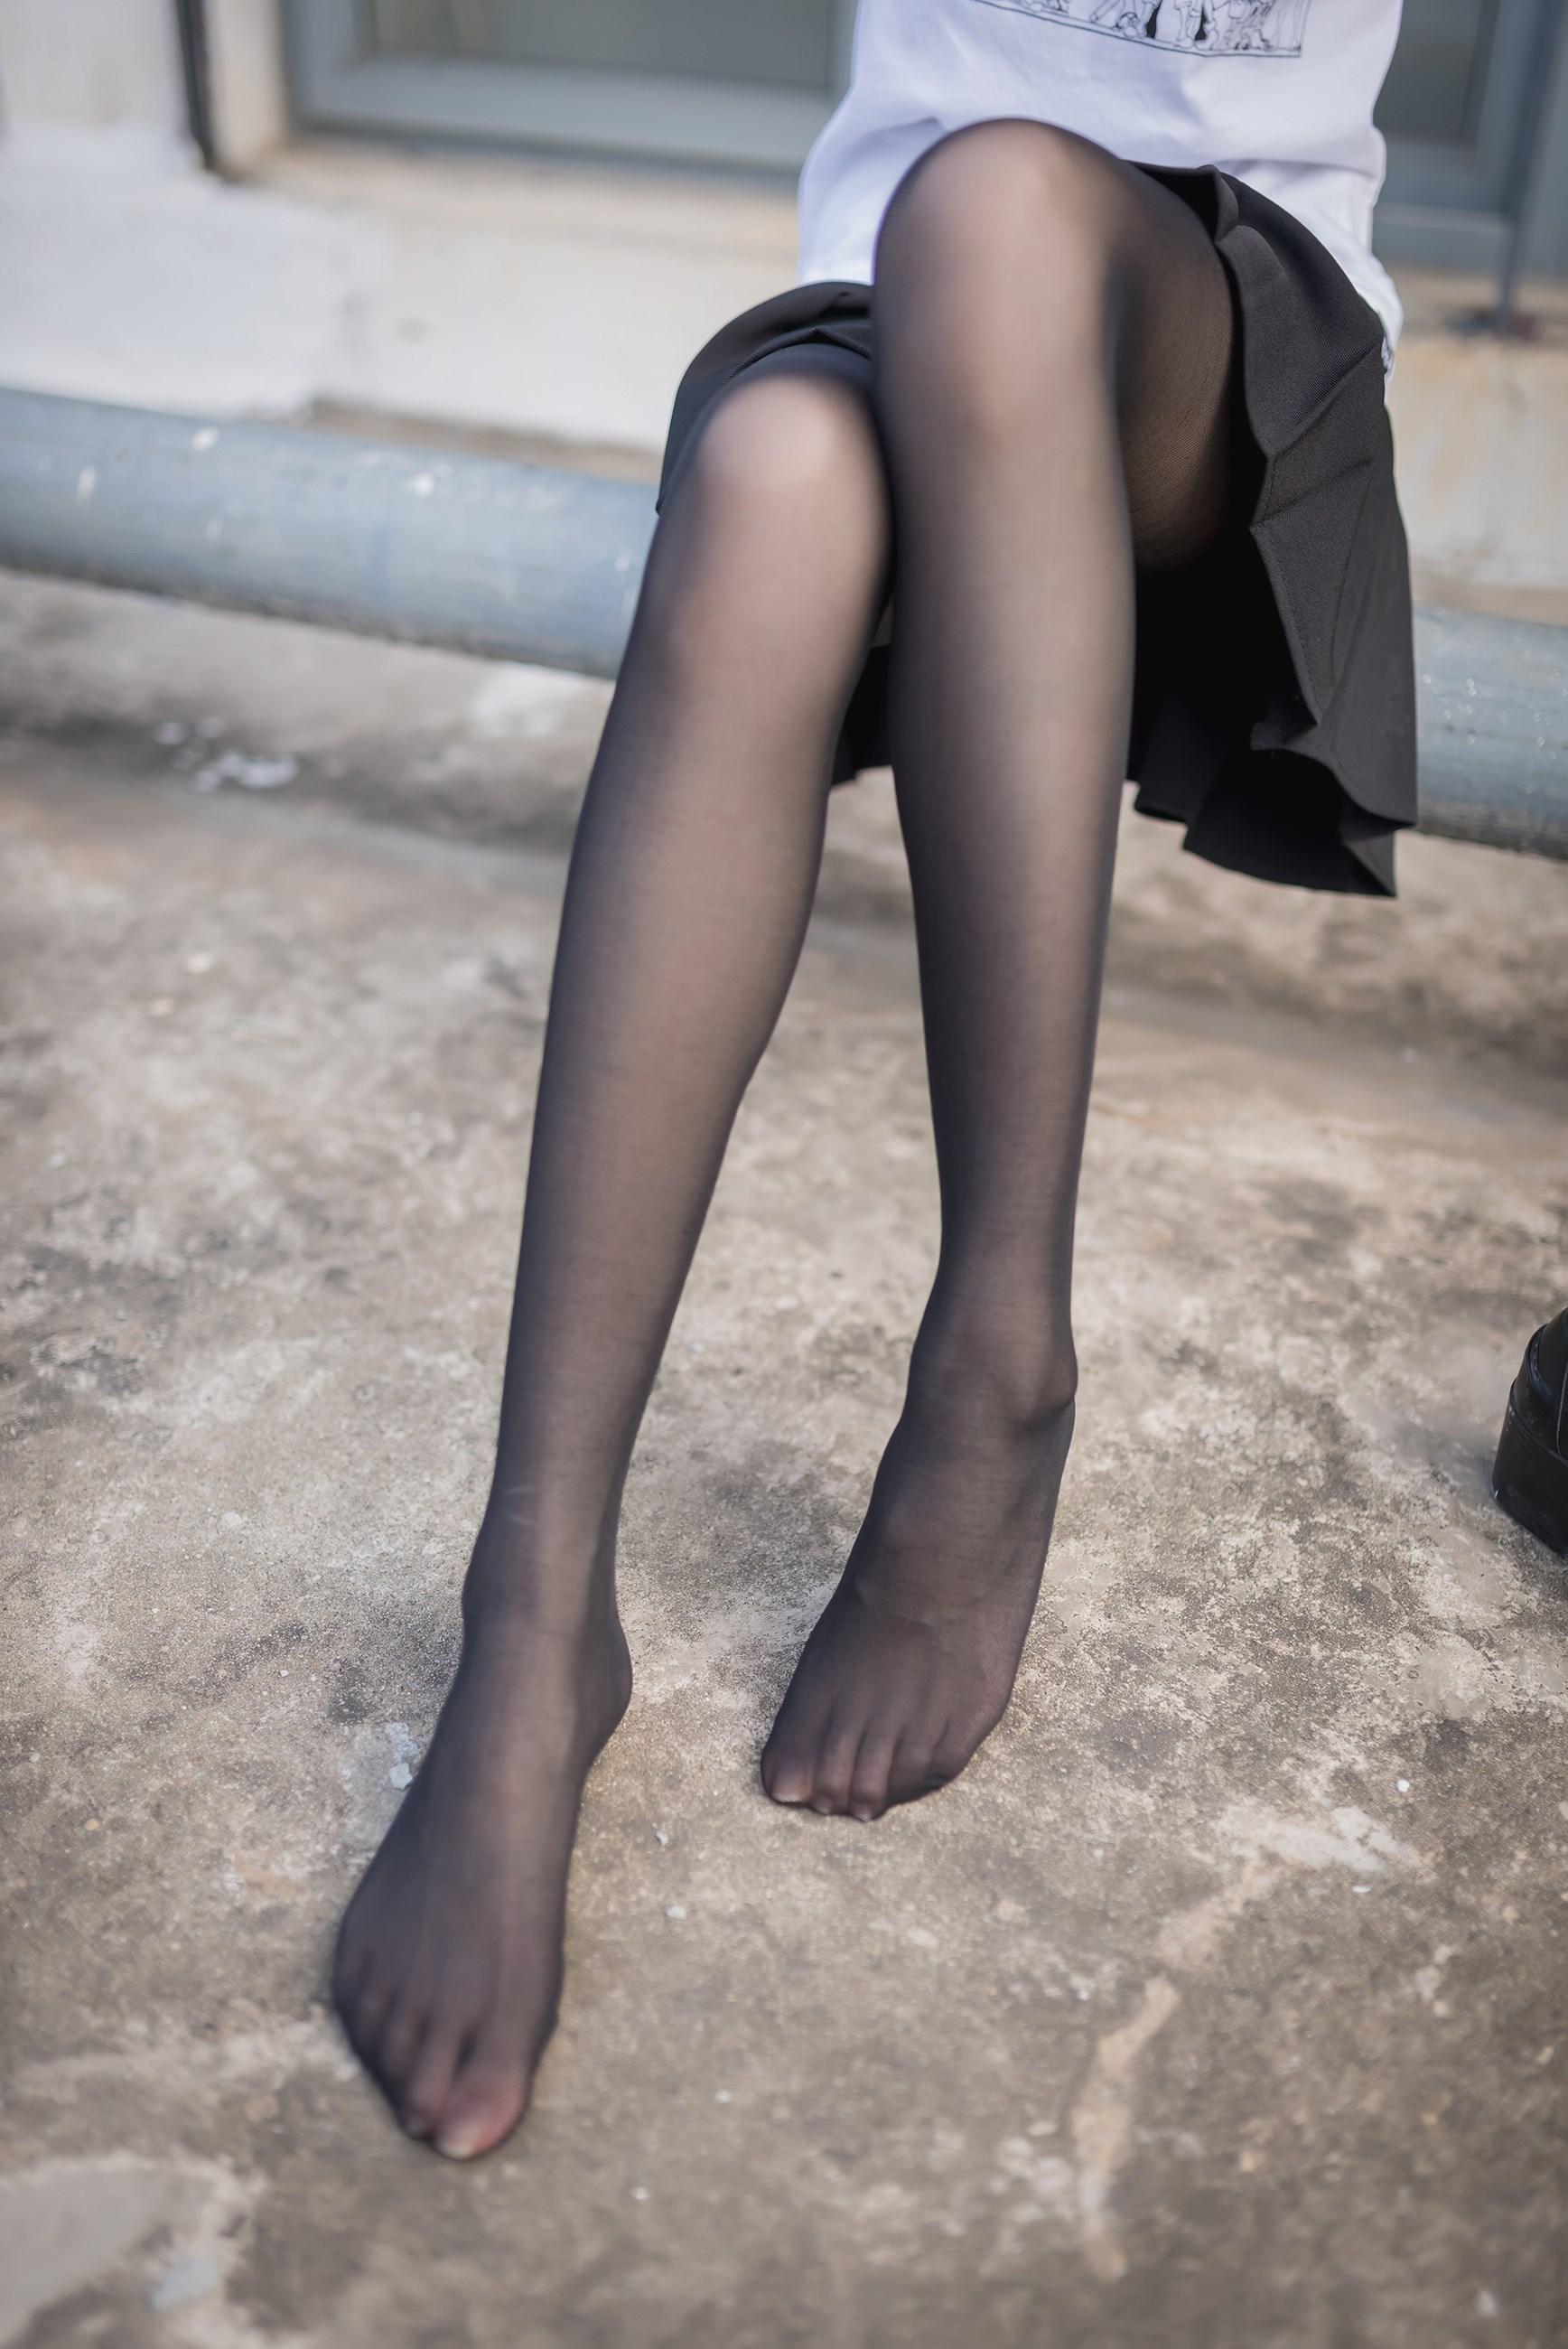 【兔玩映画】天台的黑丝少女 兔玩映画 第30张